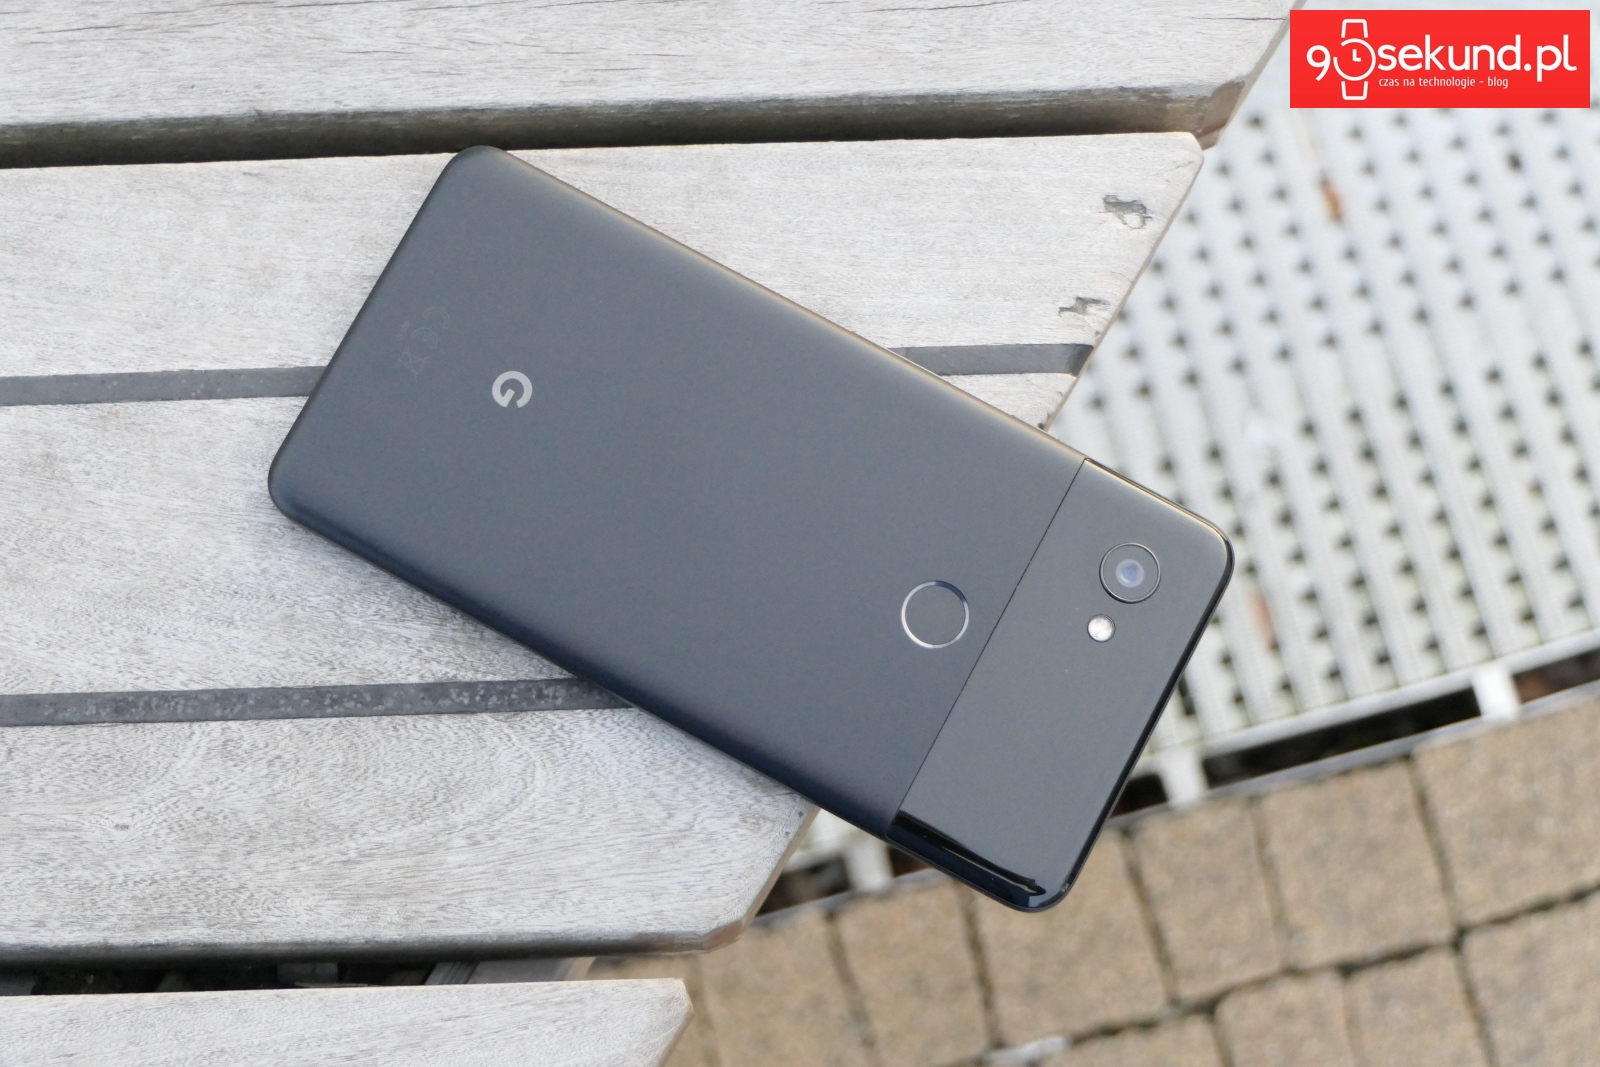 Google Pixel 2XL - Michał Brożyński - 90sekundTECH